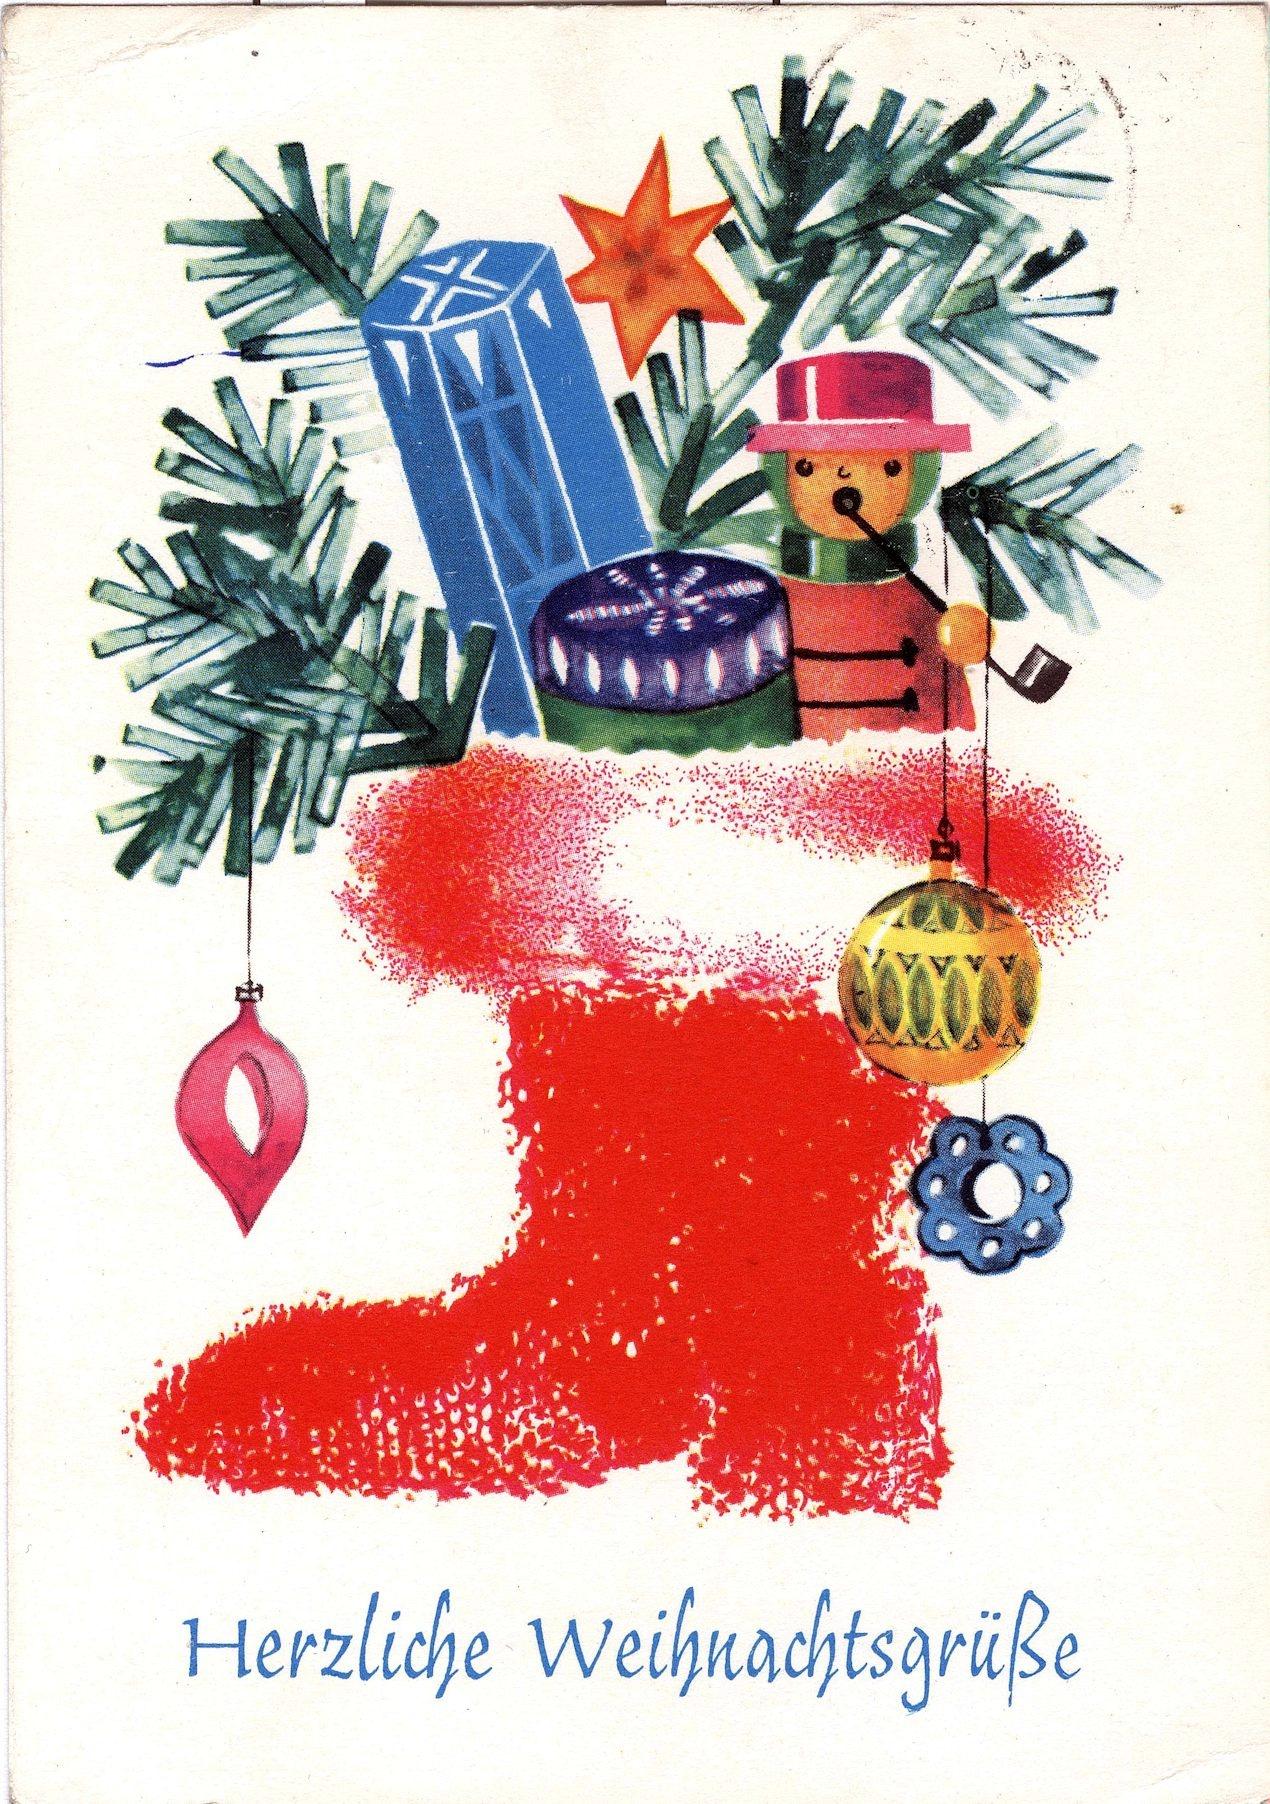 herzliche weihnachtsgr e bilder19